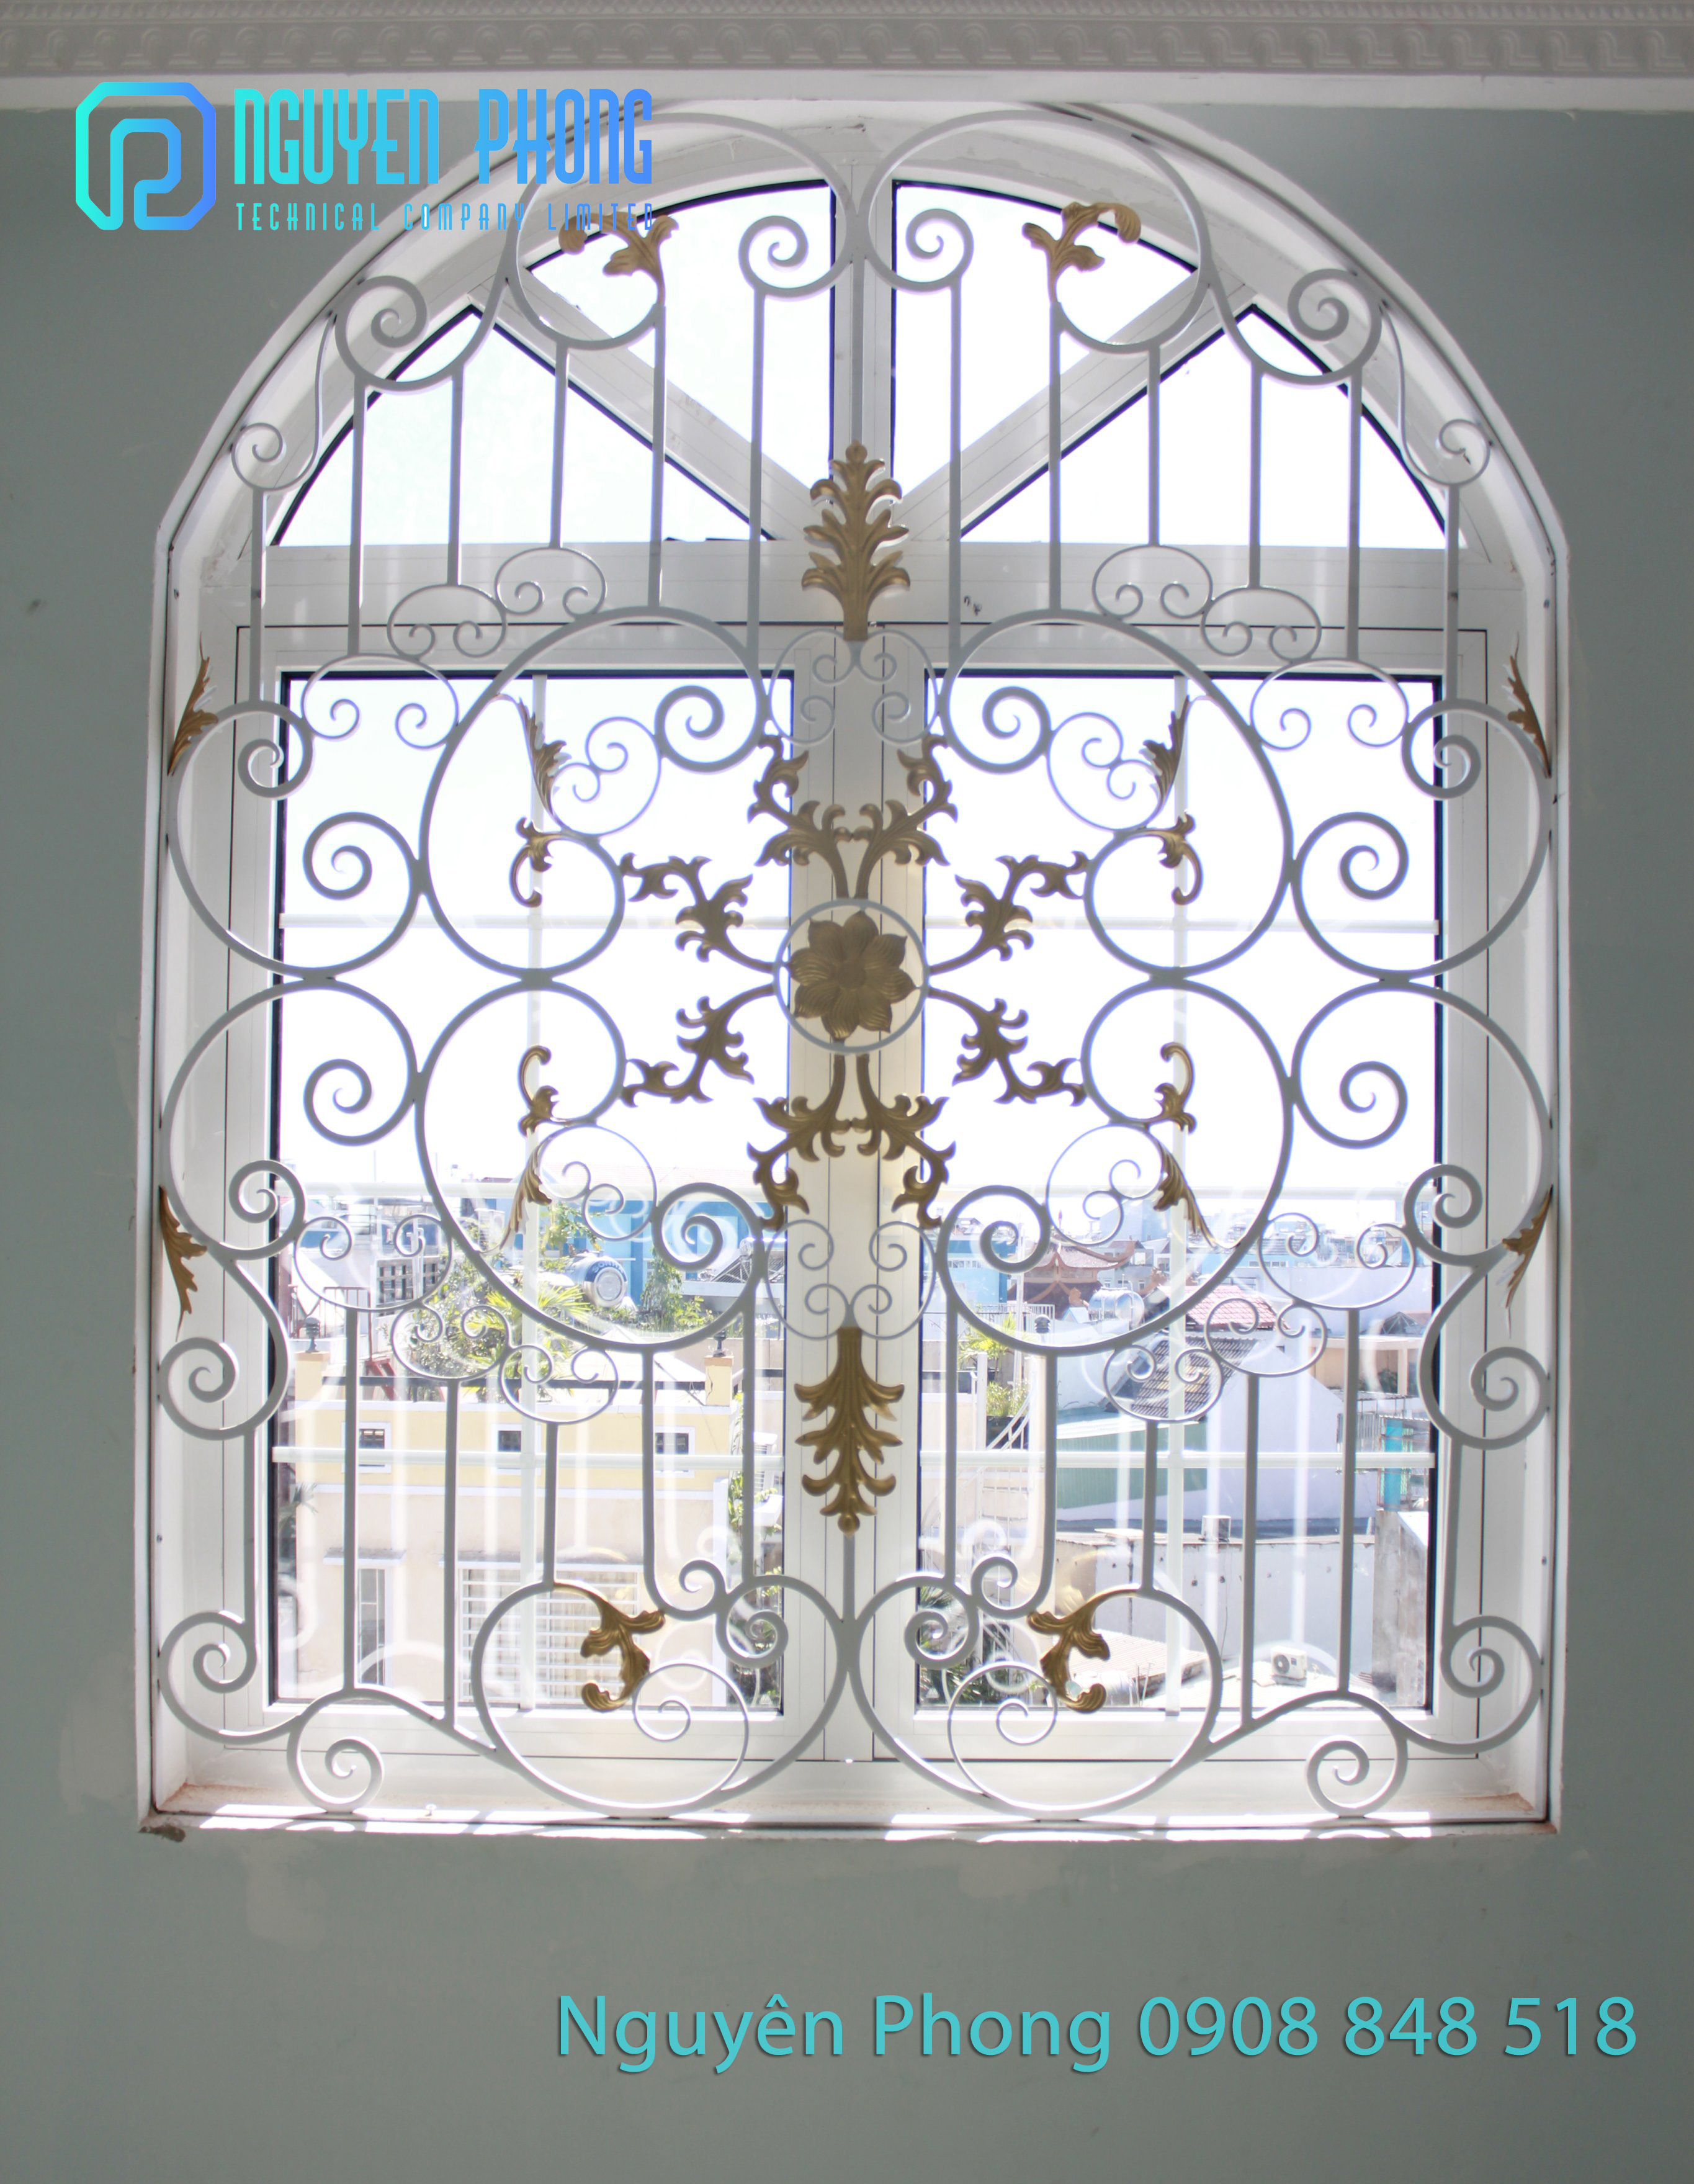 Top 20 mẫu khung bảo vệ cửa sổ sắt mỹ thuật sang trọng đẹp nhất cho biệt thự, nhà phố